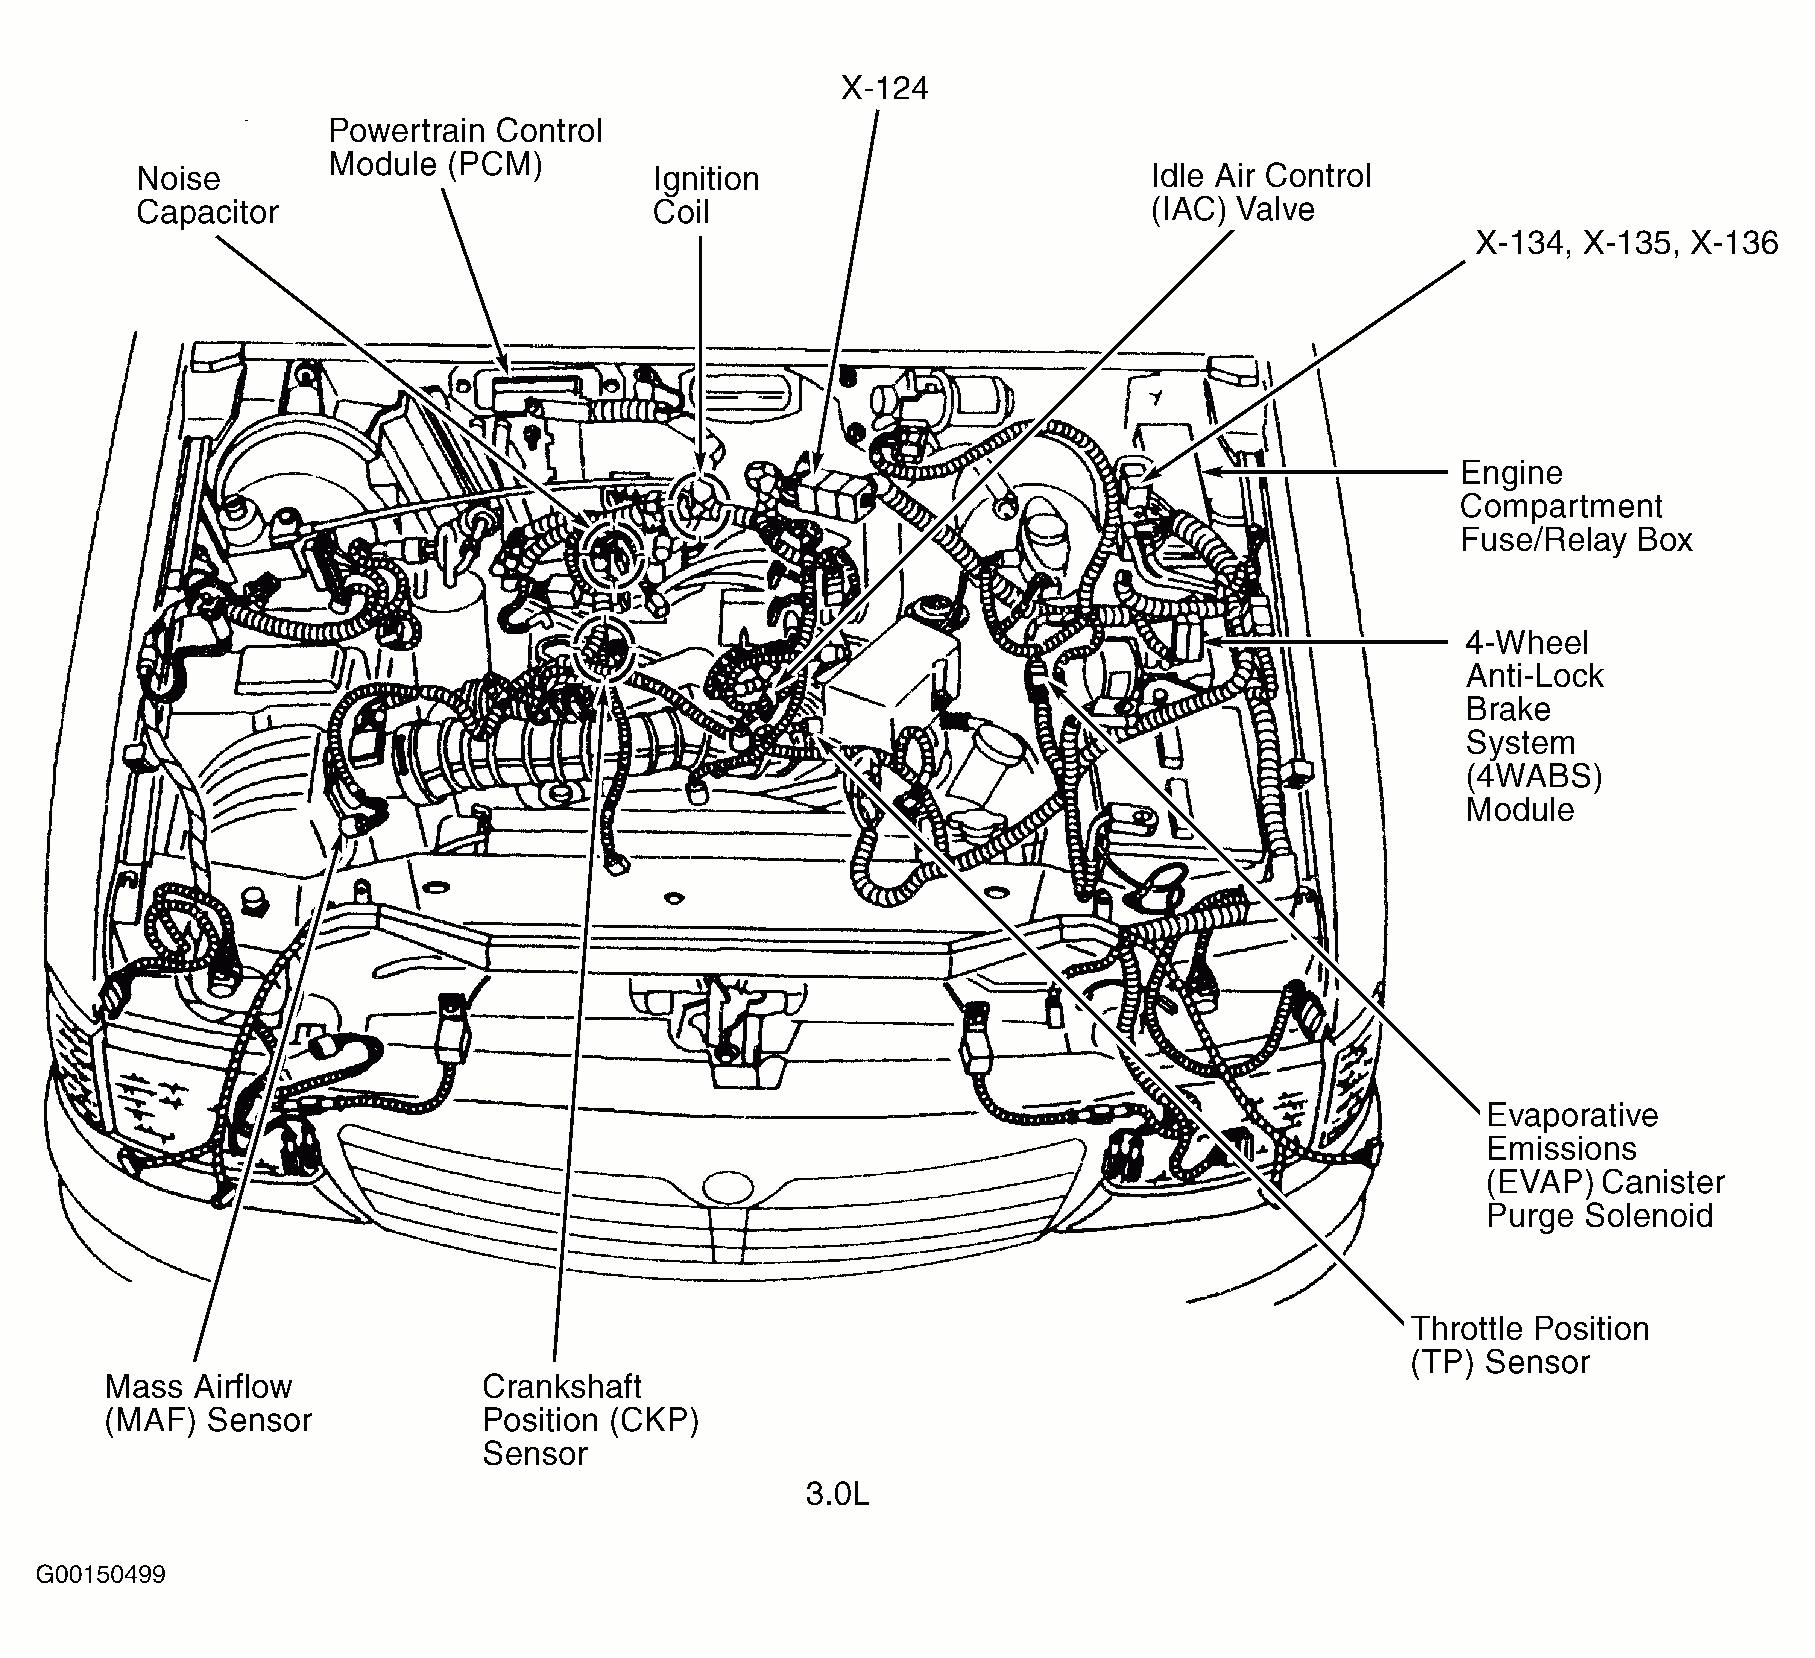 2003 mazda tribute engine diagram diagram mazda 6 engine diagram gif